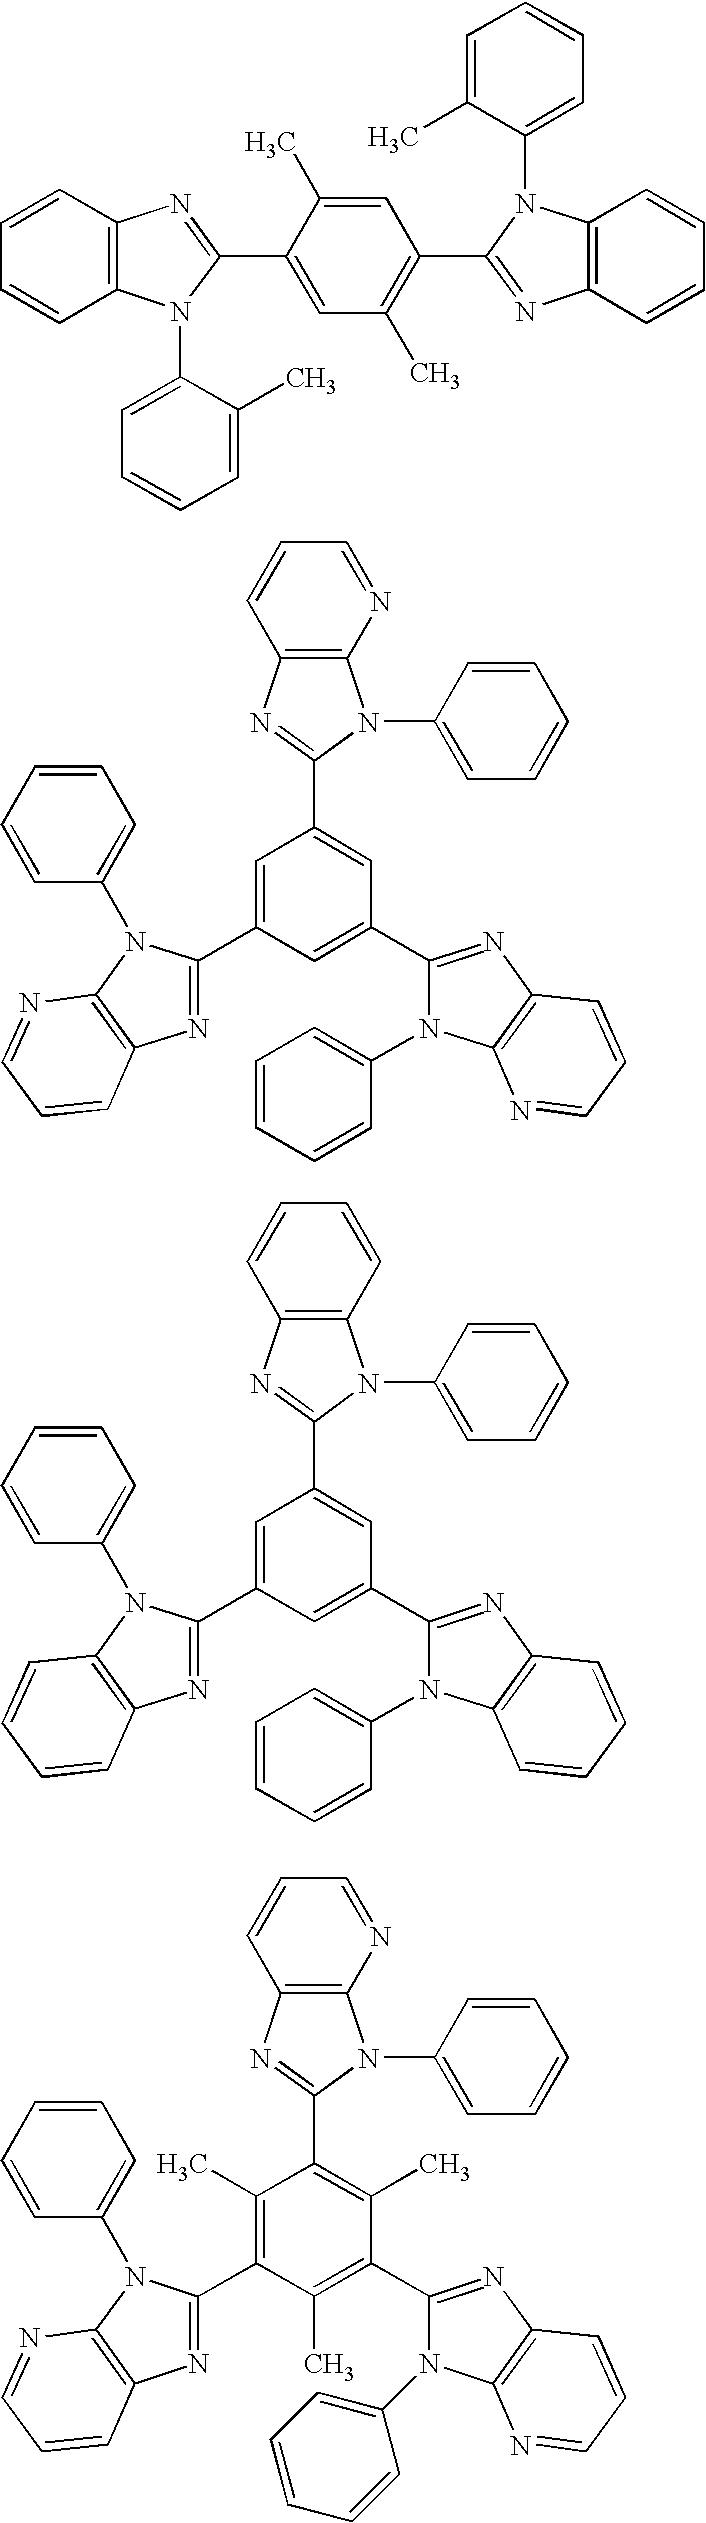 Figure US20070069638A1-20070329-C00024